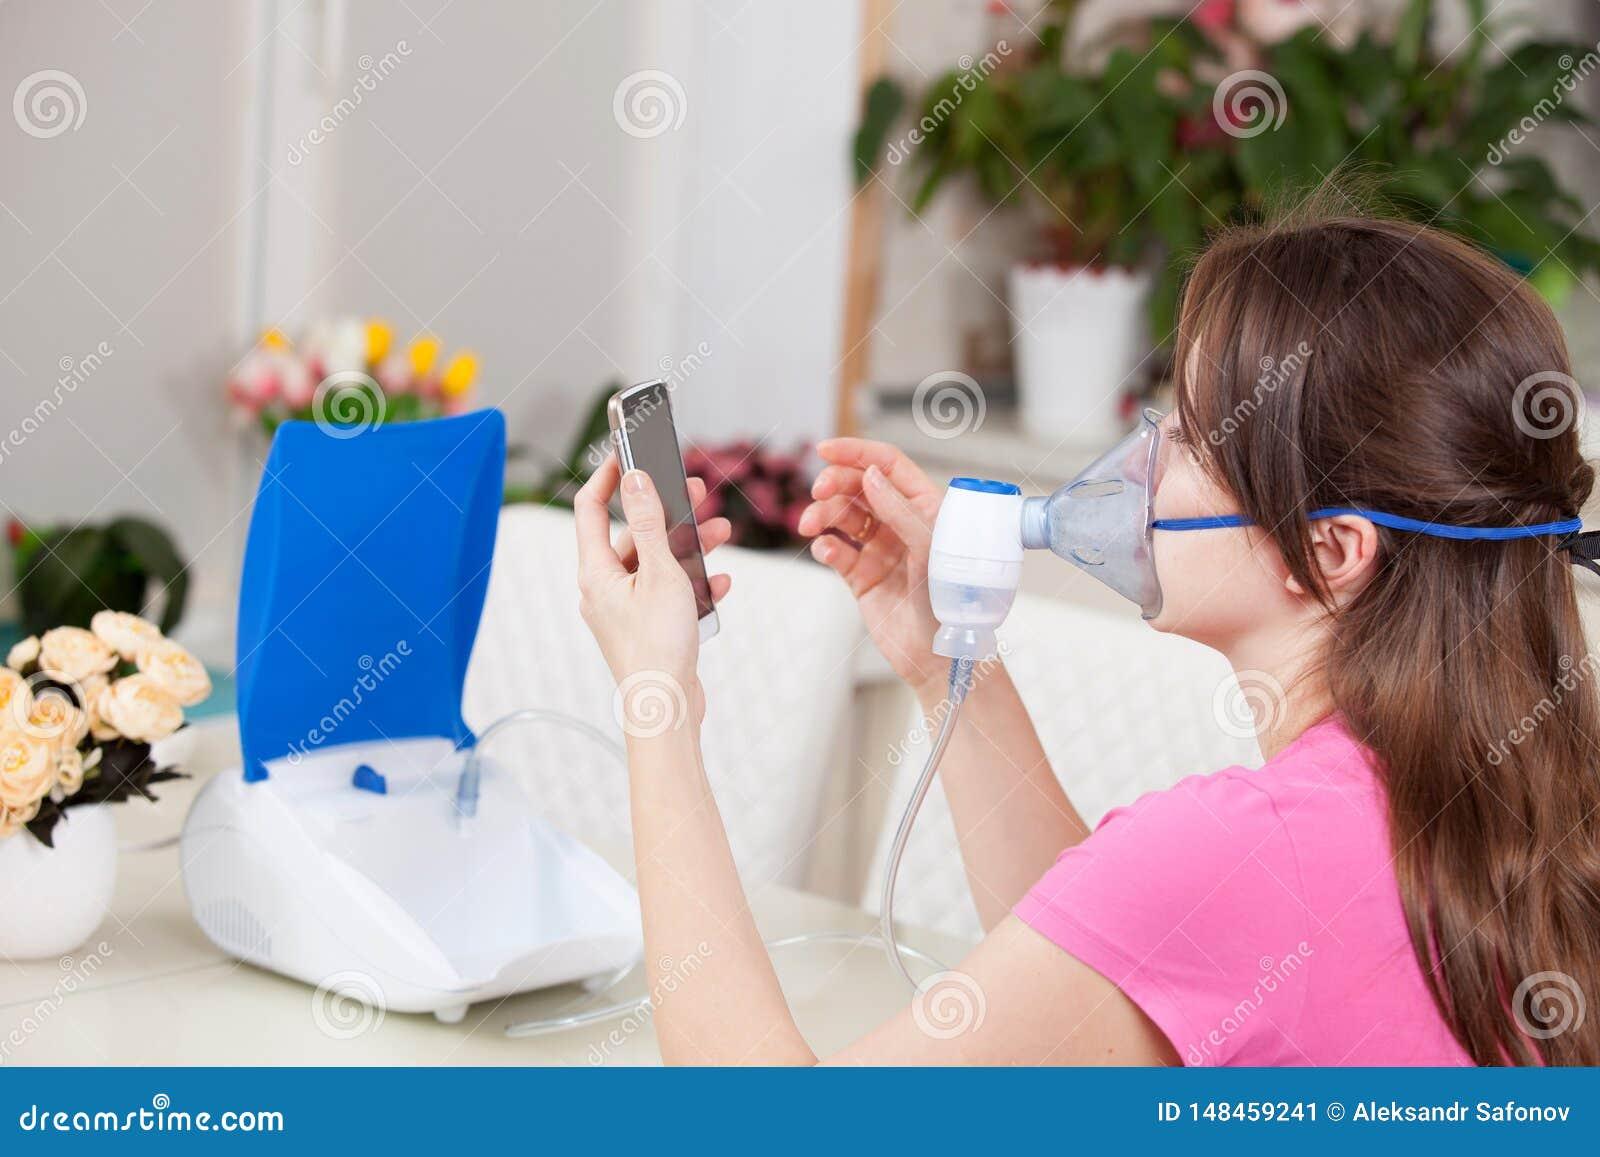 Jeune femme faisant l inhalation avec un n?buliseur ? la maison compose le num?ro du docteur pour une consultation